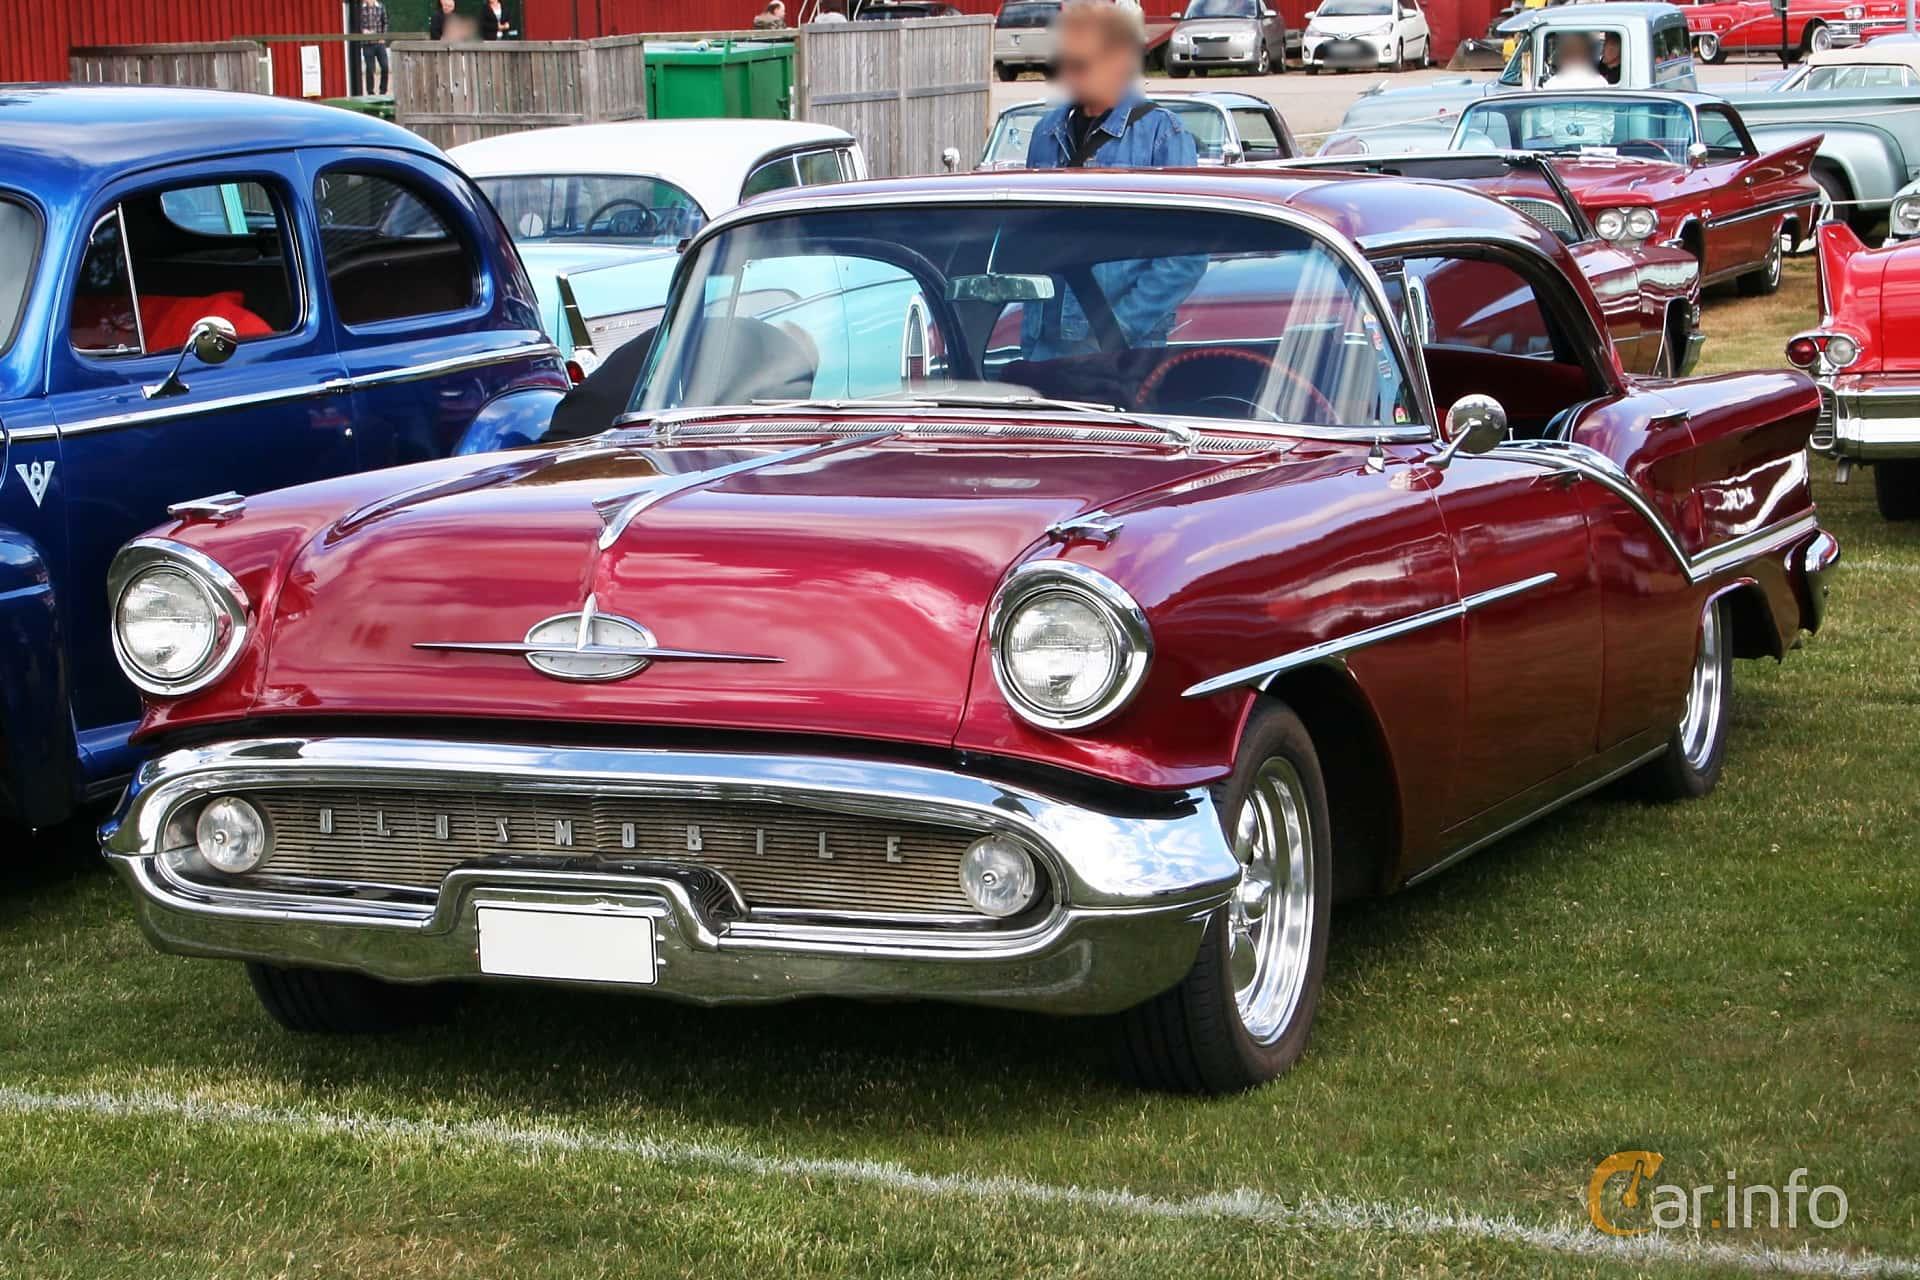 Oldsmobile Starfire 98 Holiday Sedan 6.1 V8 Hydra-Matic, 281hp, 1957 at Nostalgifestivalen i Vårgårda 2016